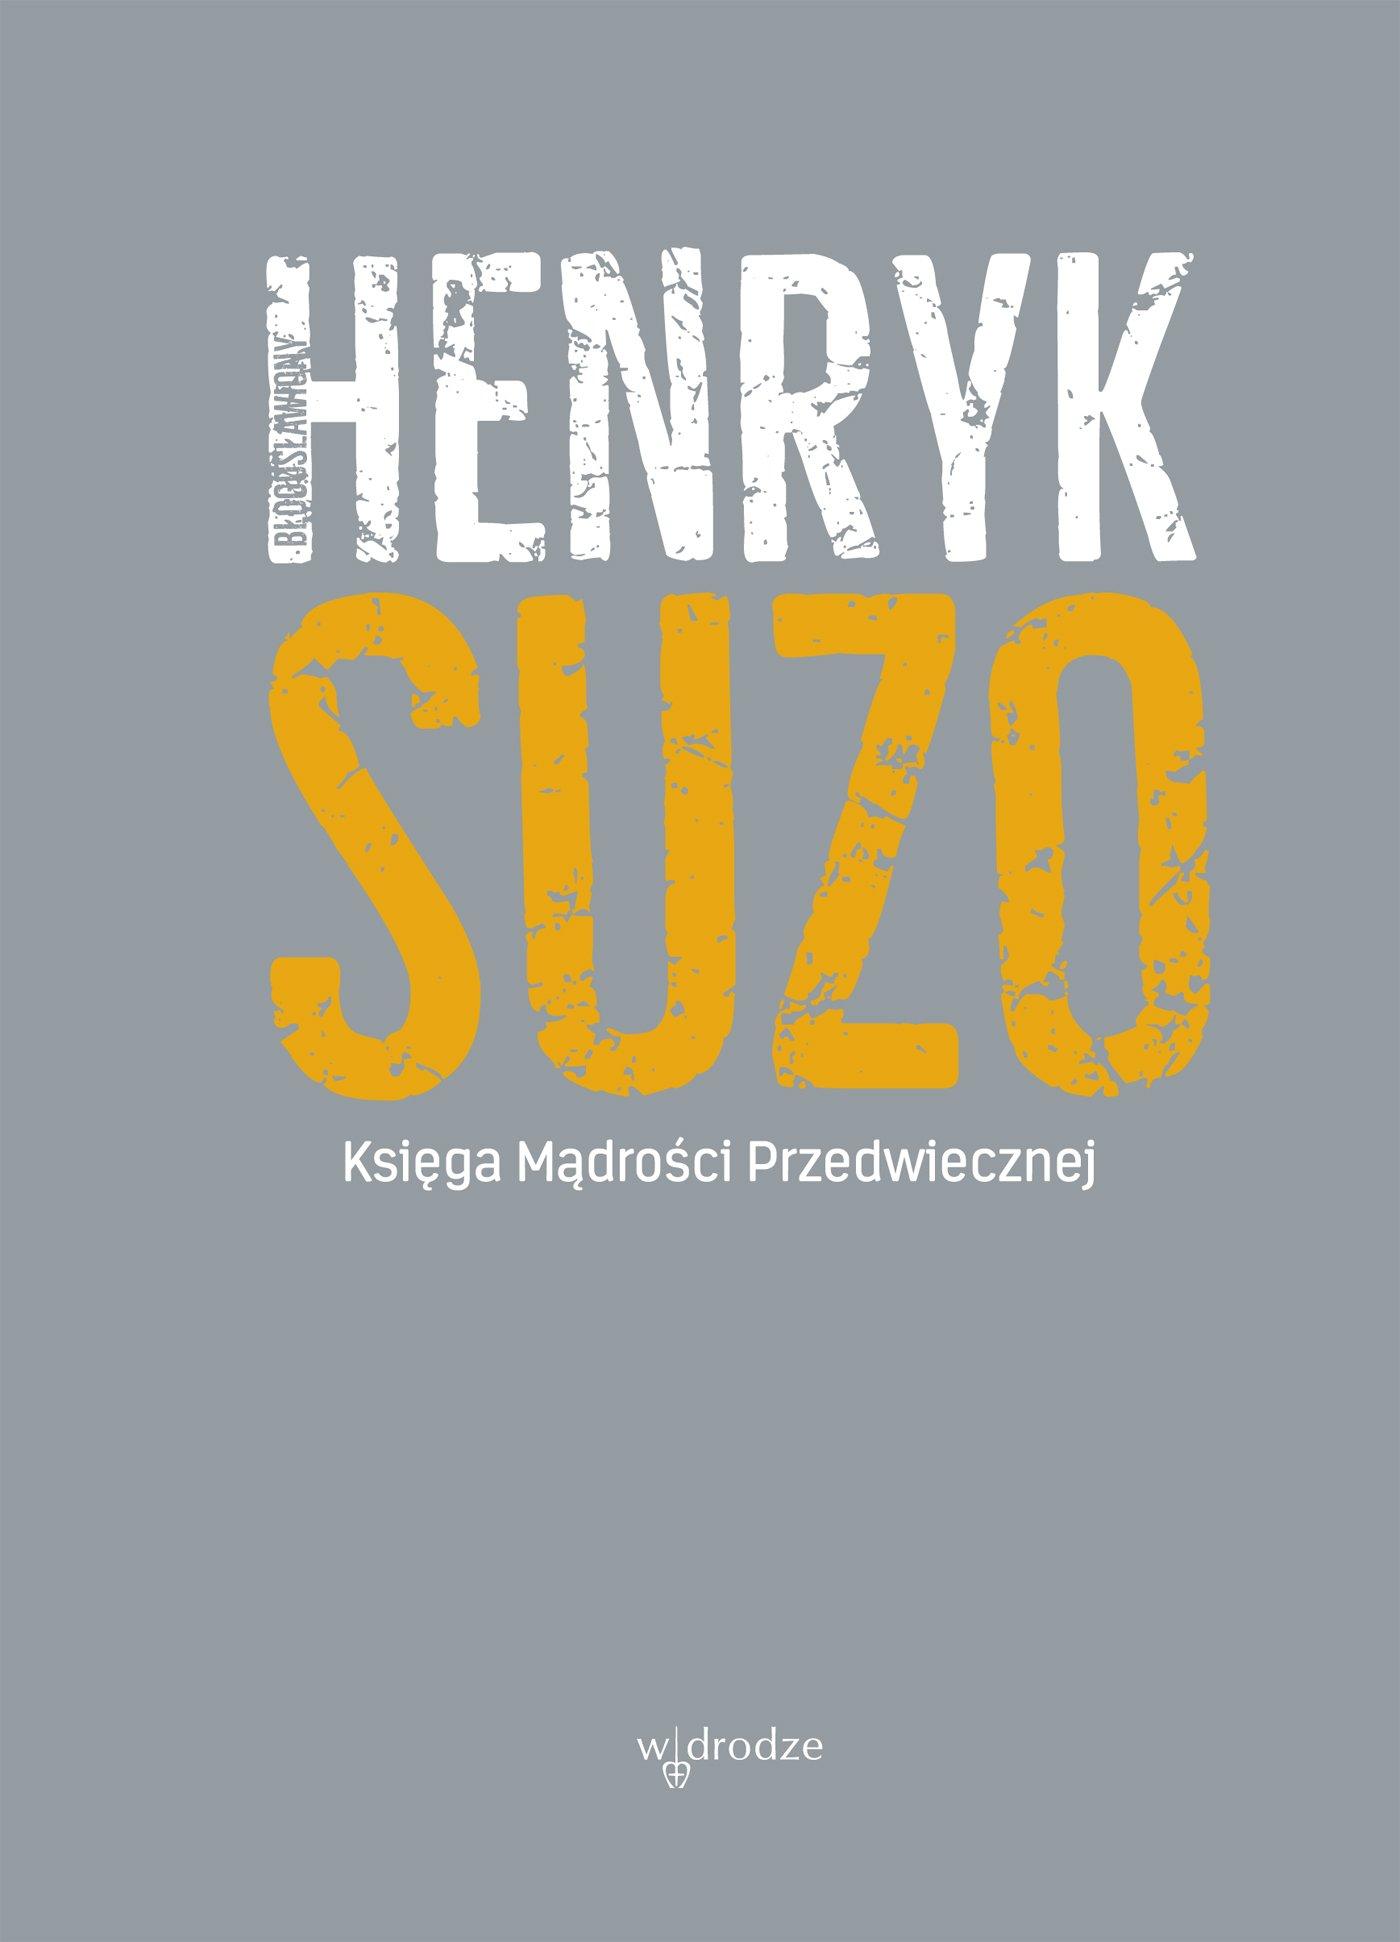 Księga Mądrości Przedwiecznej - Ebook (Książka PDF) do pobrania w formacie PDF